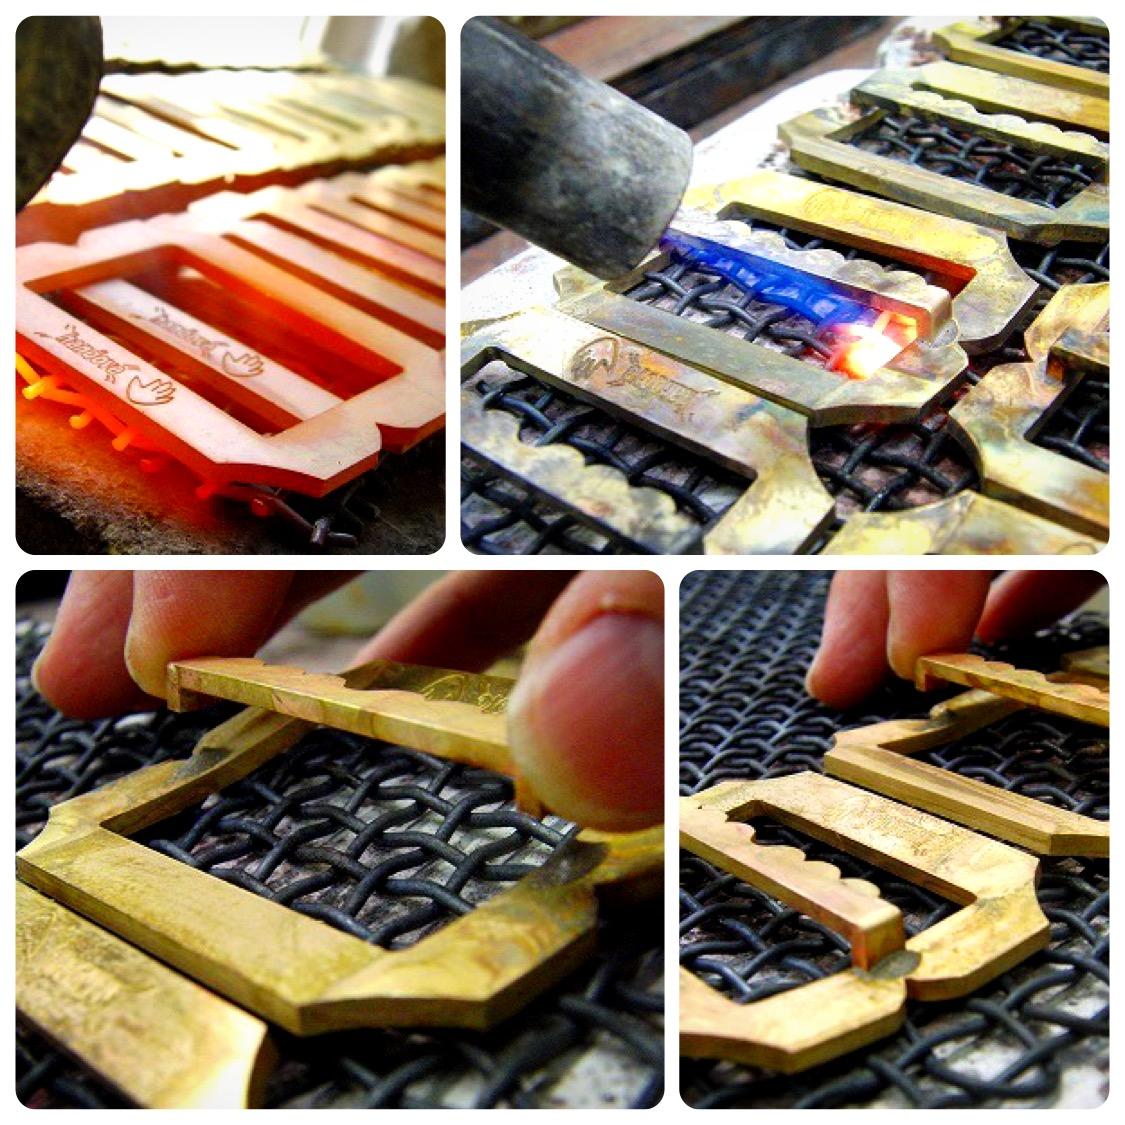 メタルハウスでは、さまざまお客様から、さまざまな用途に向けて、完全オーダーメイドのバックルを作ります。真鍮製などの素材のリクエストから、ブランドロゴ、ロットなどを考慮して、鋳物、プレス、削り出しなど、、お客様のイメージやデザインを形にする、最適な製法にて、オリジナルのバックルを製作していきます。